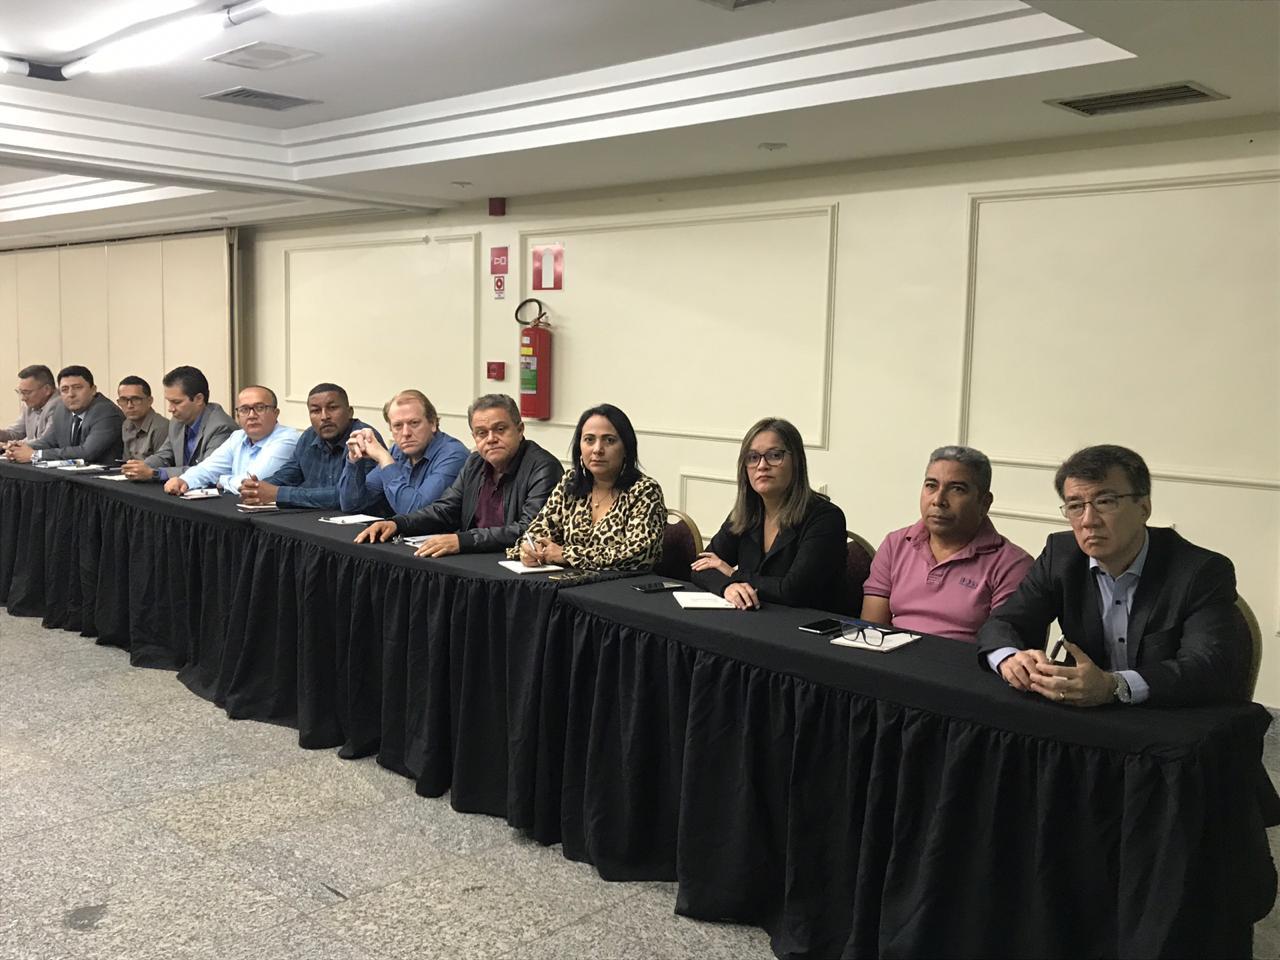 Undime reúne colegiado ampliado em Minas Gerais